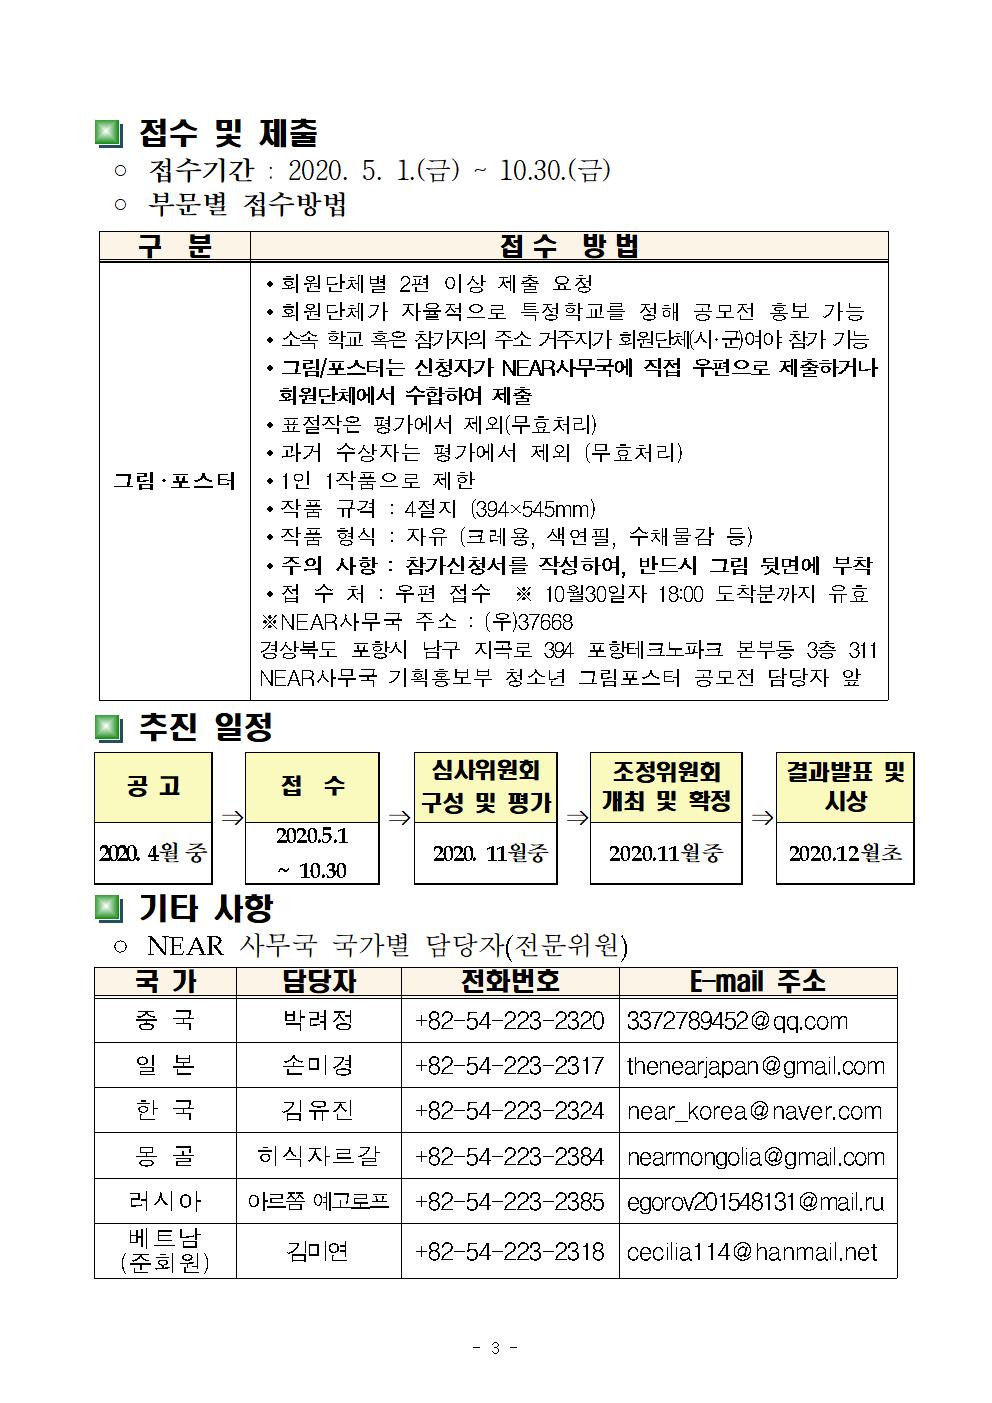 제8회 NEAR 청소년 공모전 안내문 및 신청서003.png